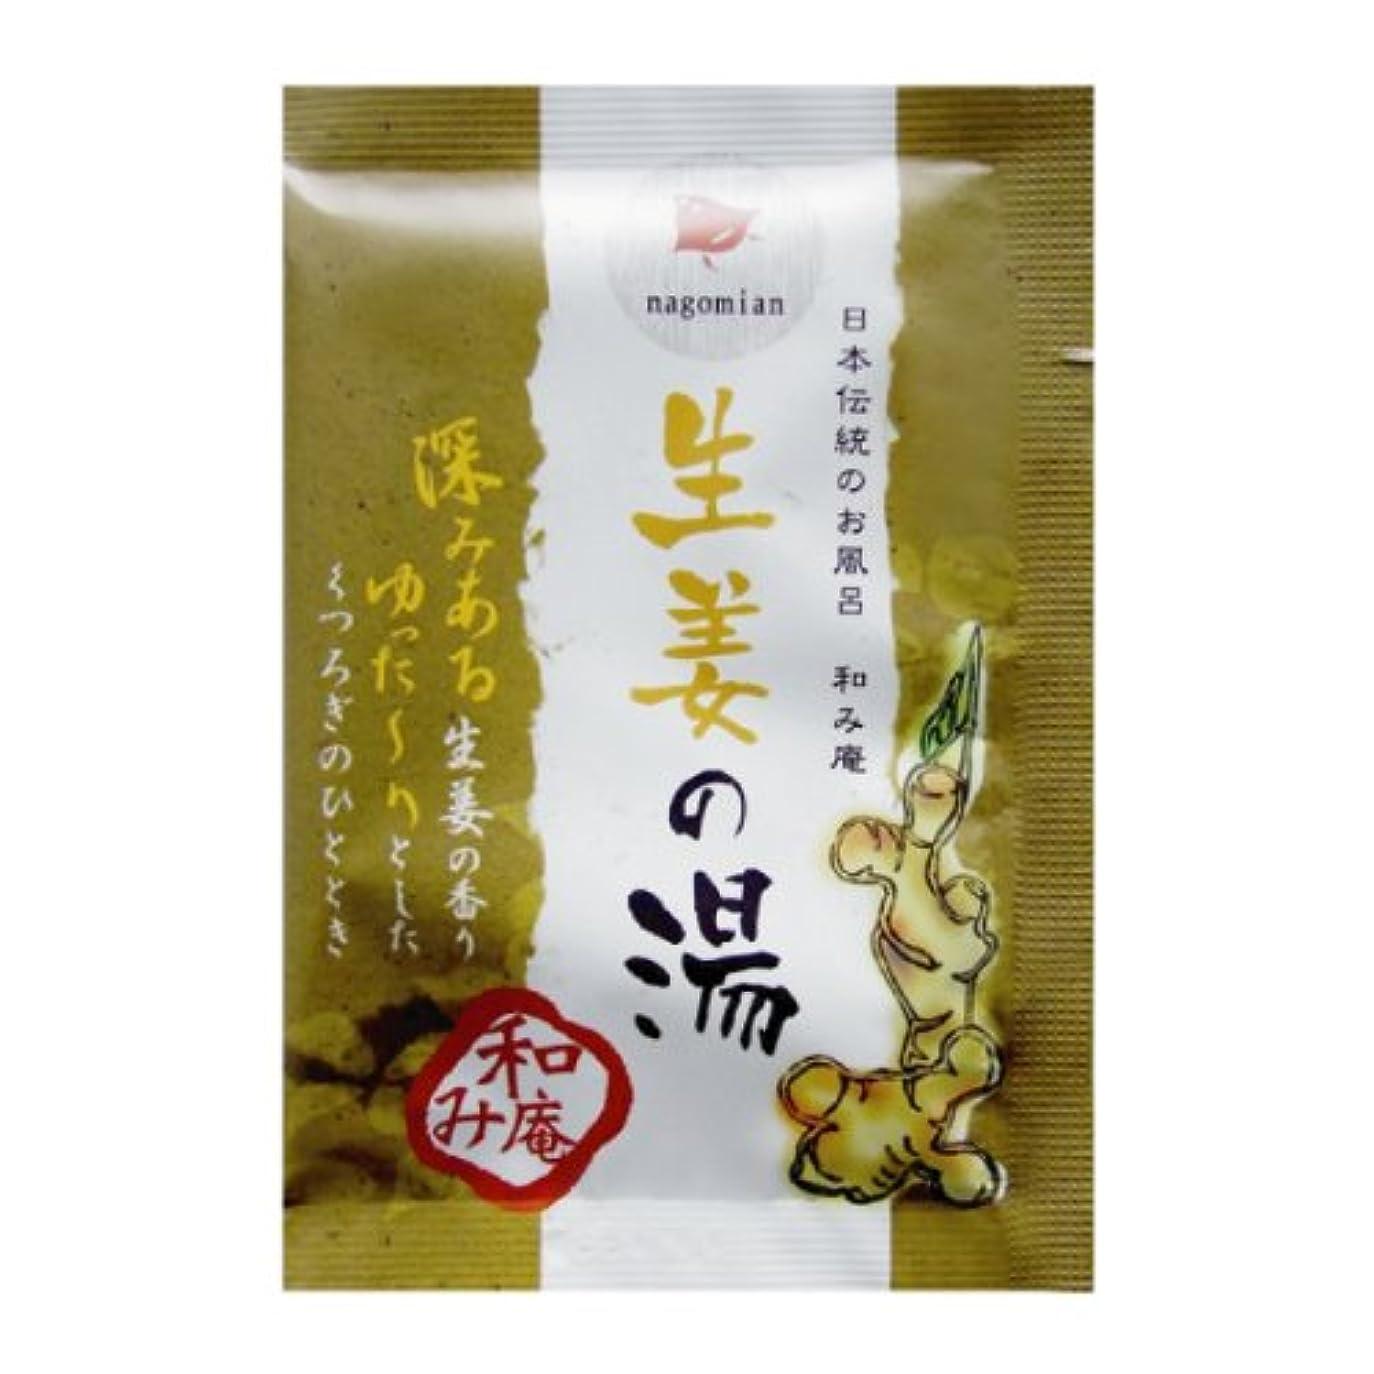 ガイド燃料ミシン目日本伝統のお風呂 和み庵 生姜の湯 200包